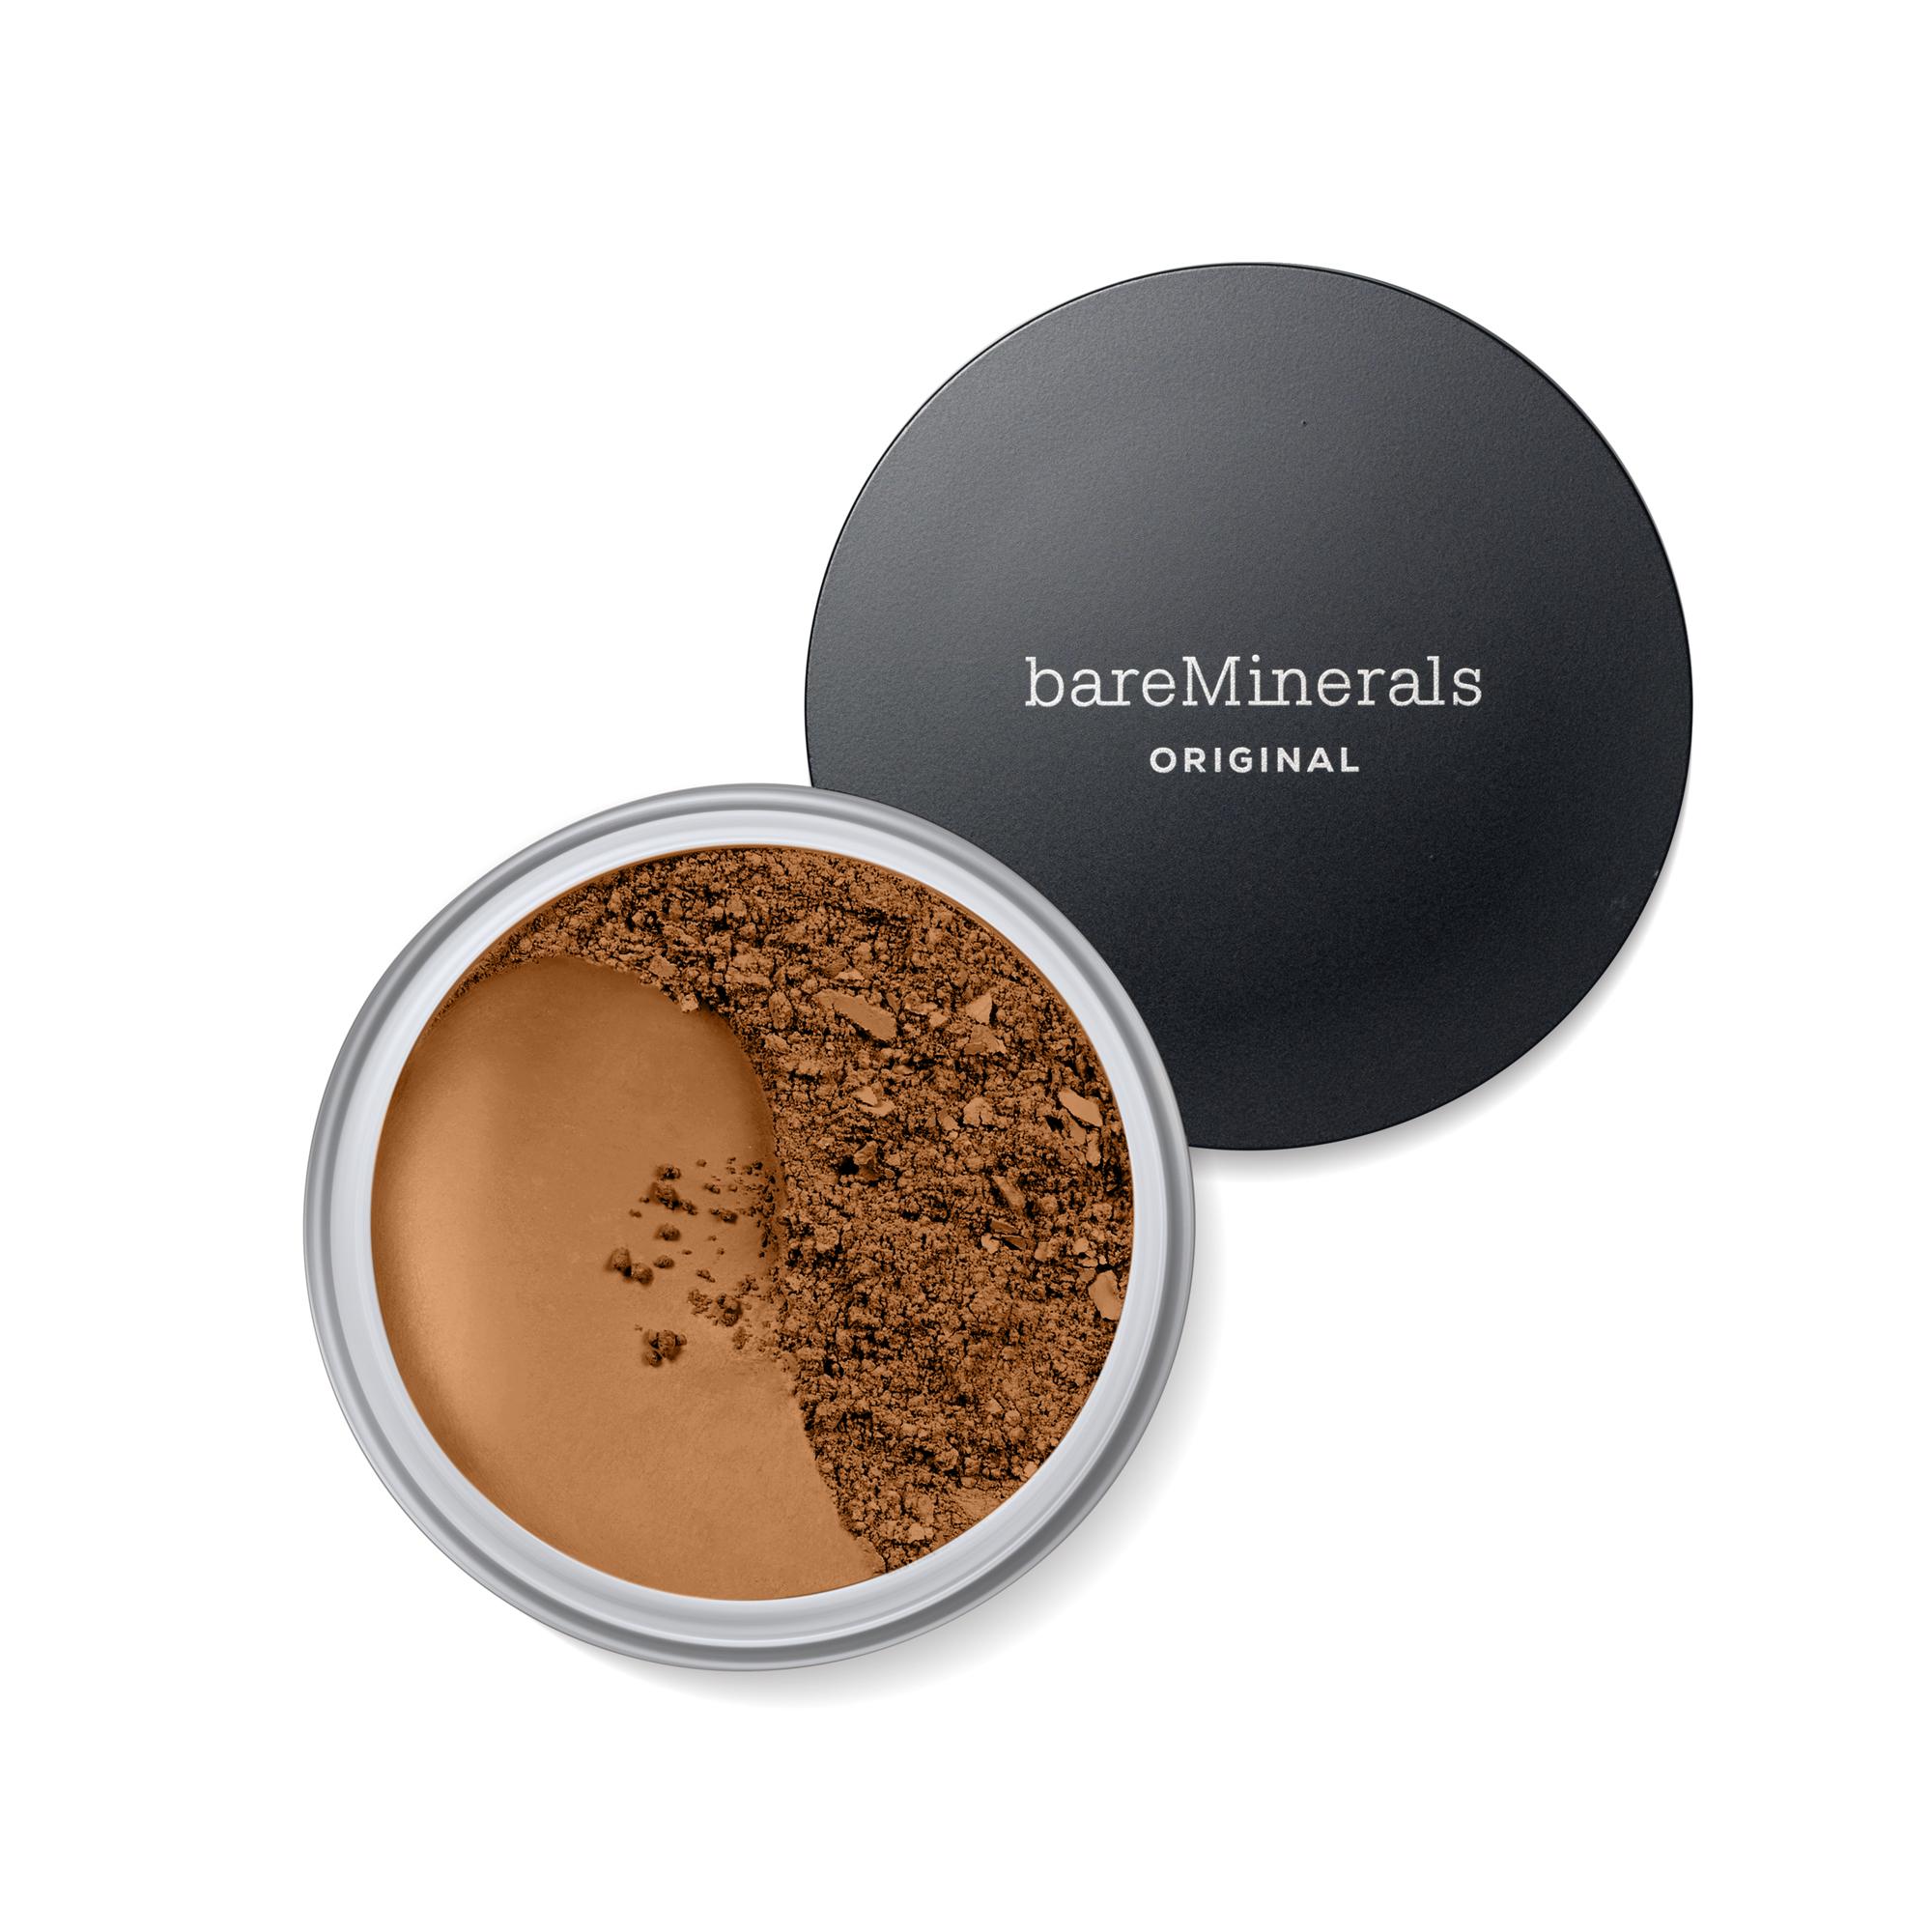 bareMinerals Original Foundation, 24 neutral dark